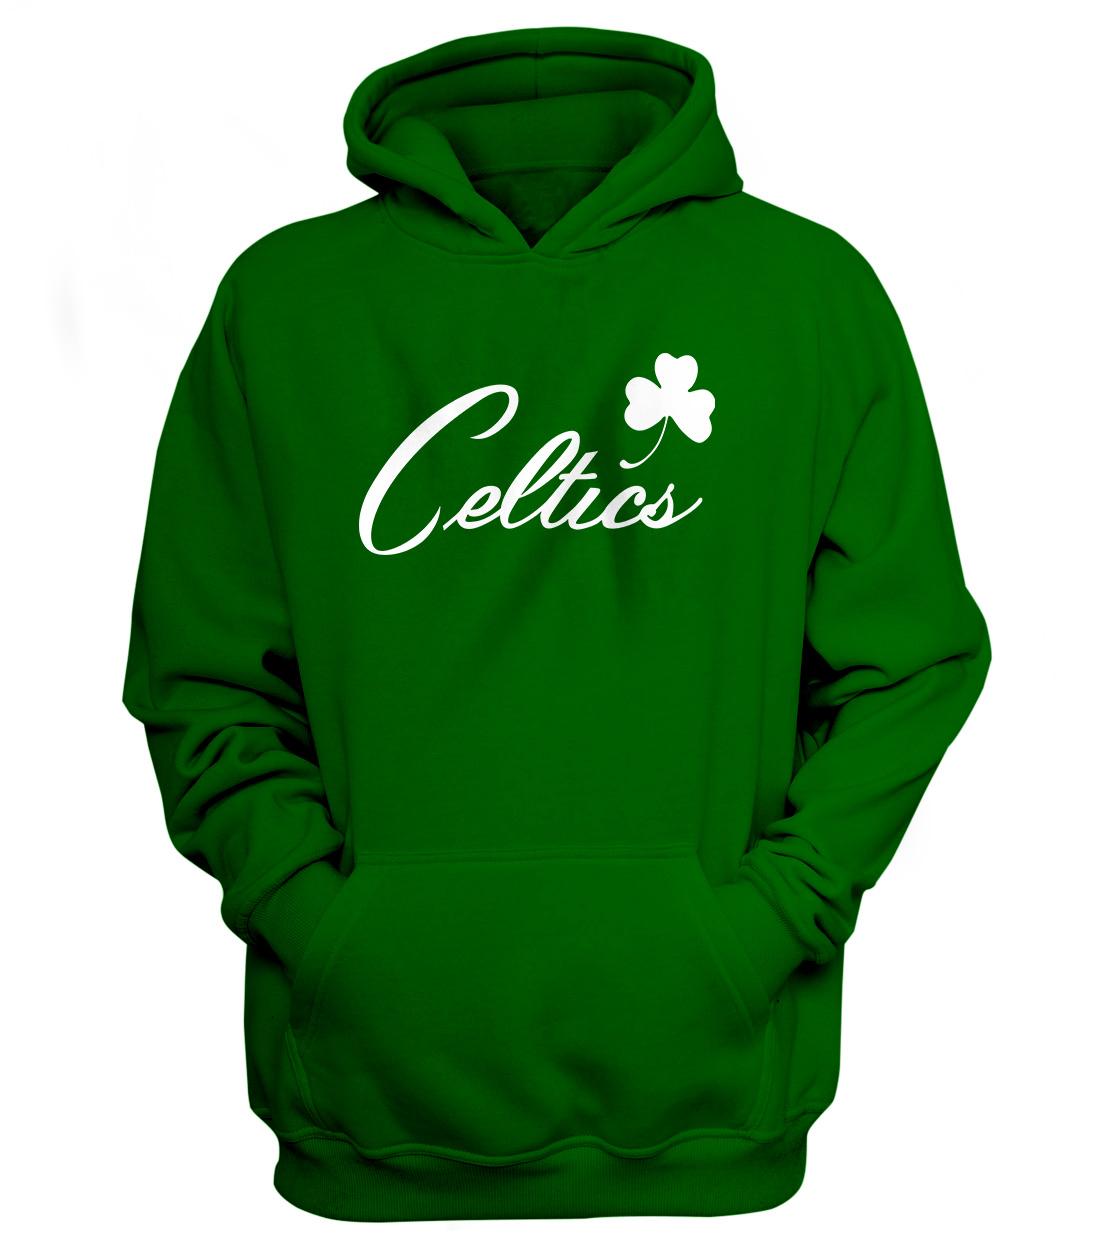 Boston Celtics Hoodie (HD-GRN-NP-25-NBA-BSTN-CEL.YNC)